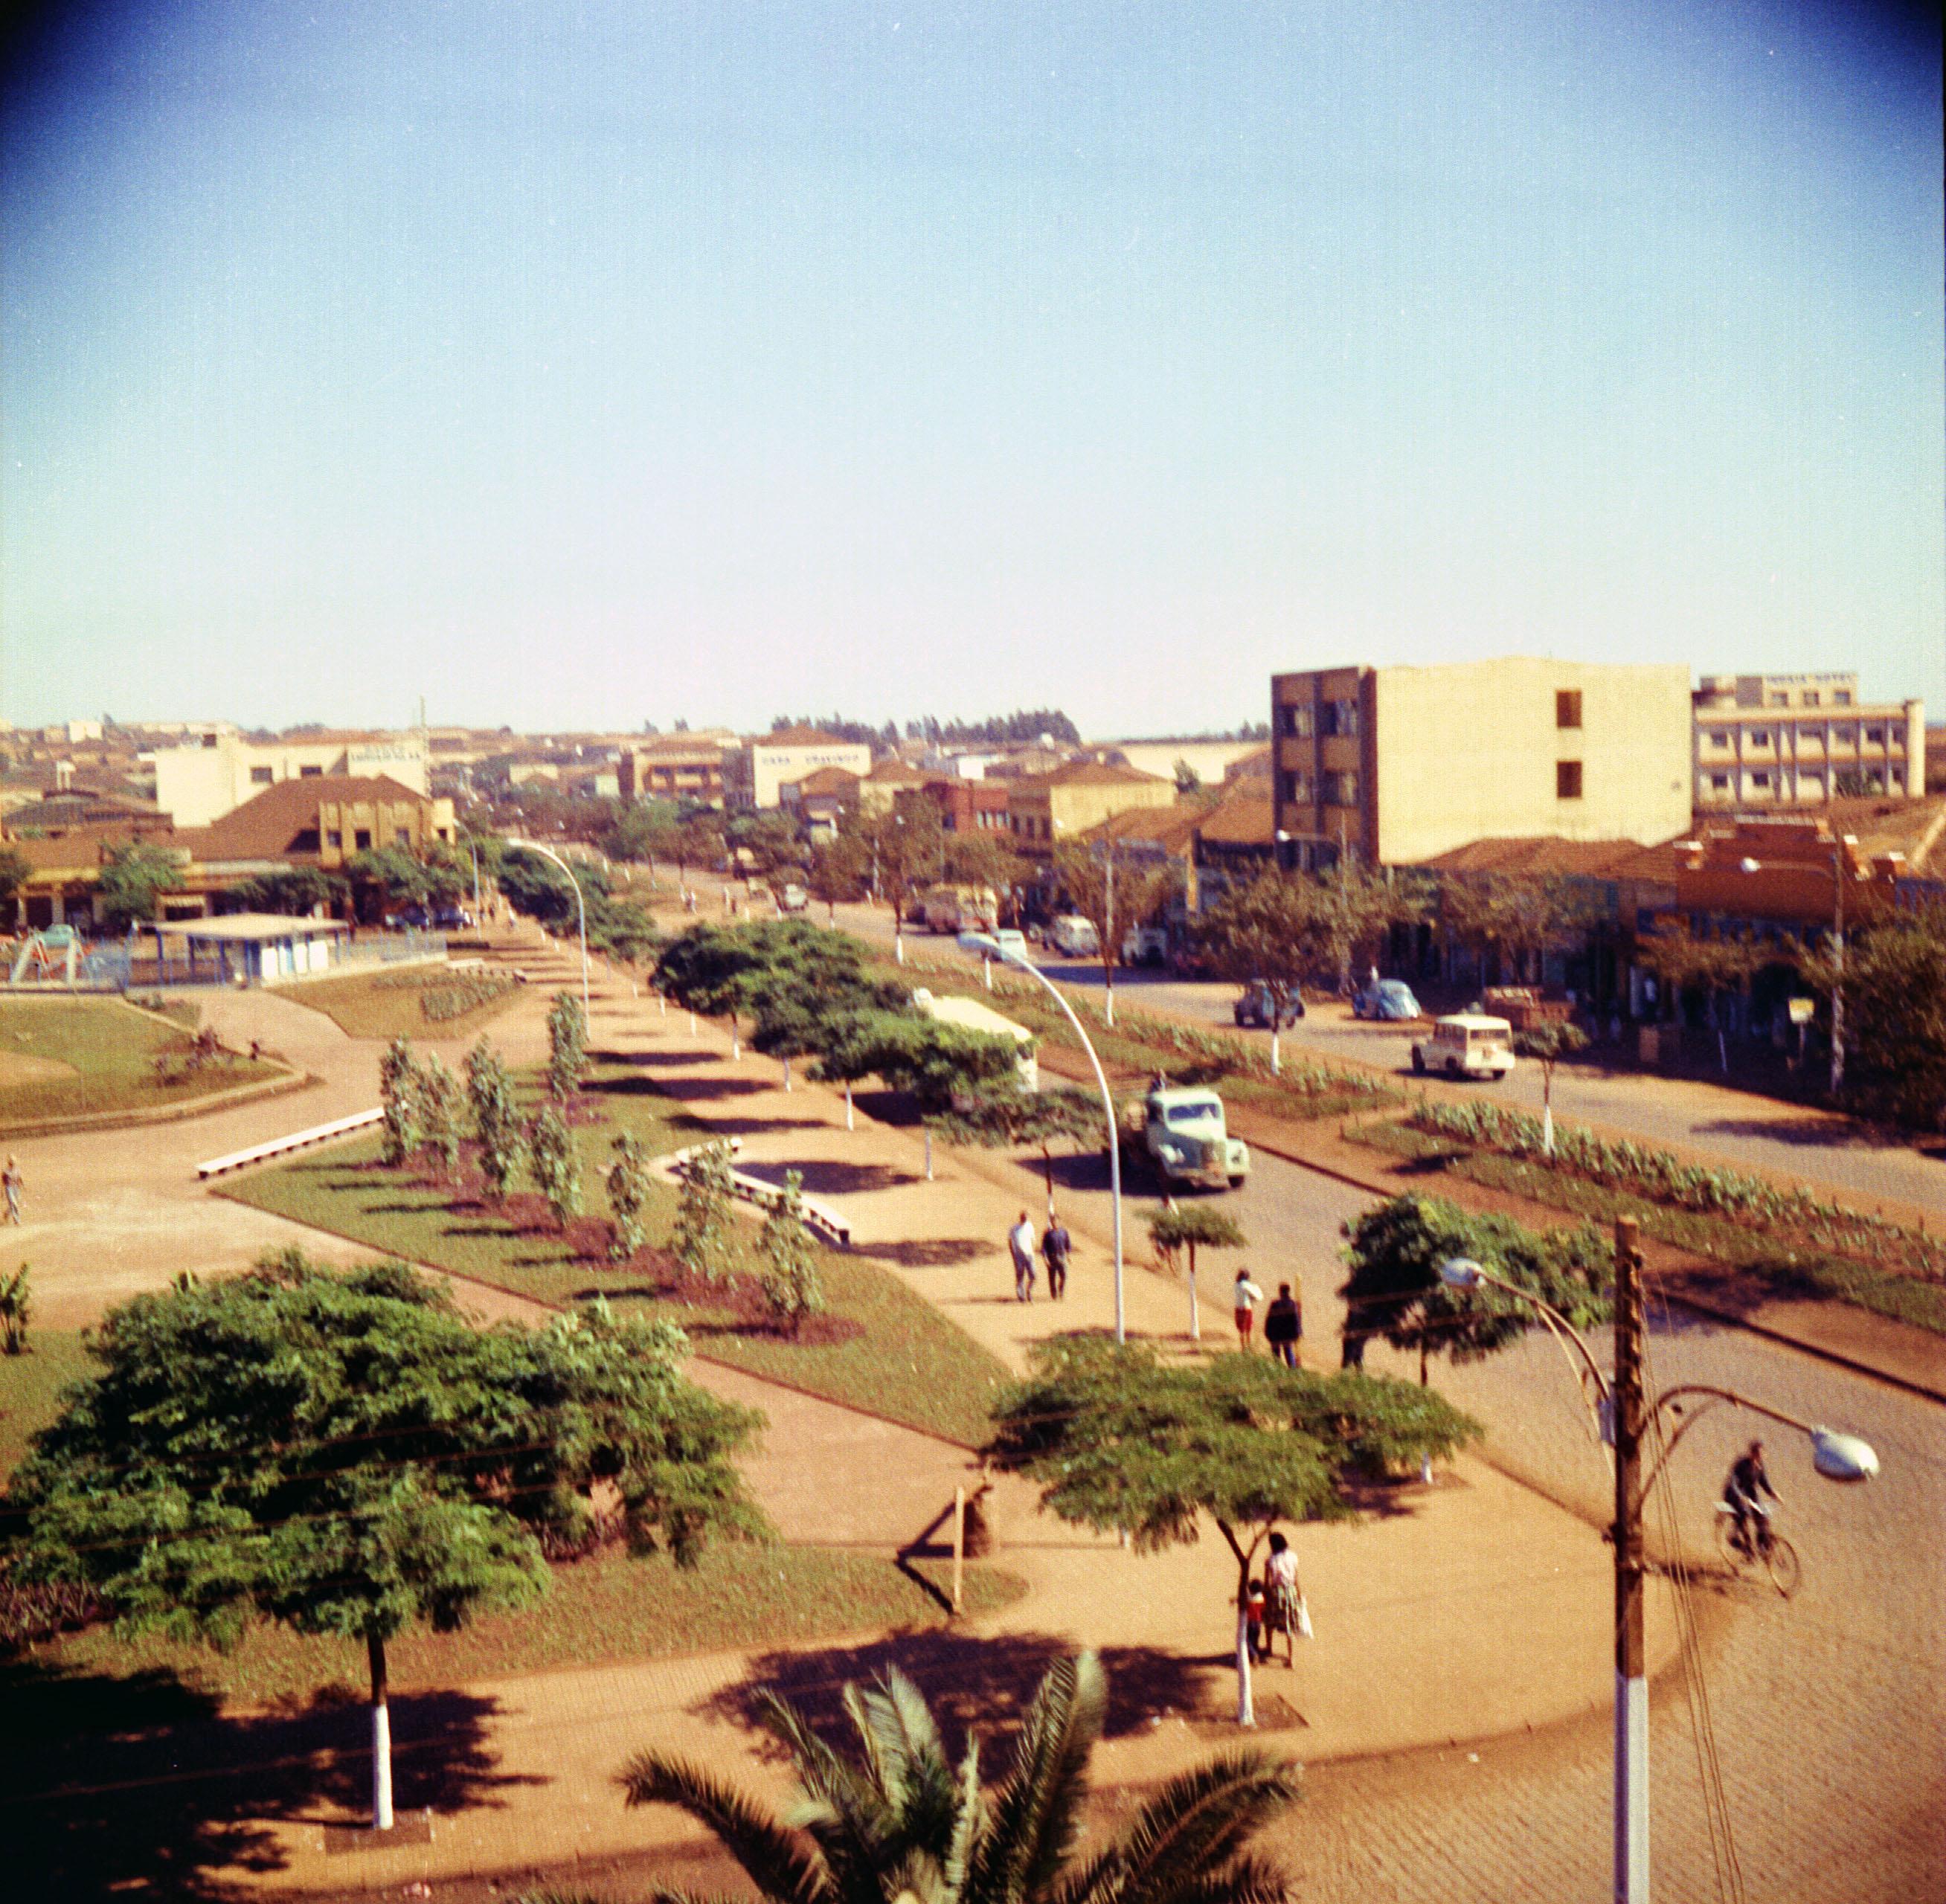 Avenida Brasil esquina com a avenida Duque de Caxias - Anos 1960